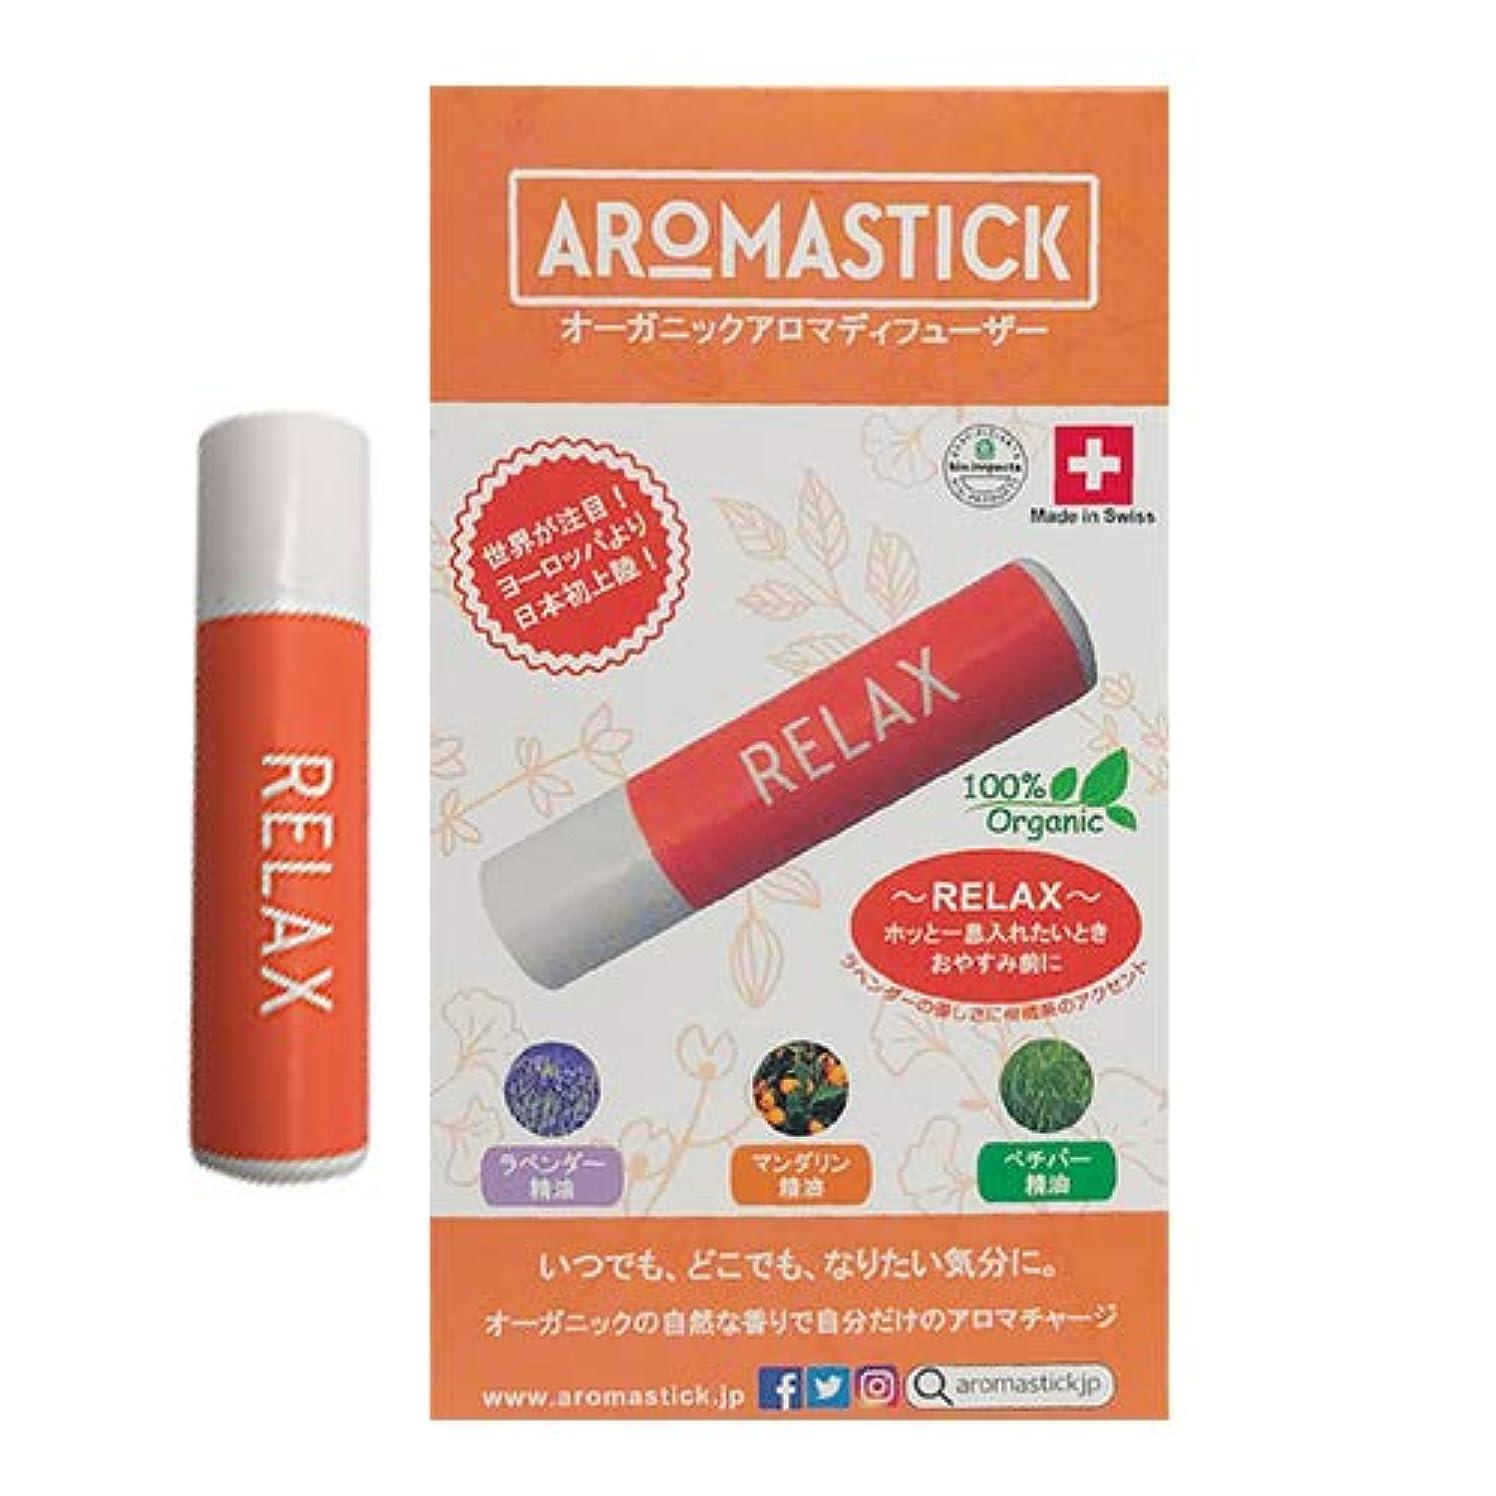 ハード圧縮された権限を与えるオーガニックアロマディフューザー アロマスティック(aromastick) リラックス [RELAX] ×3個セット